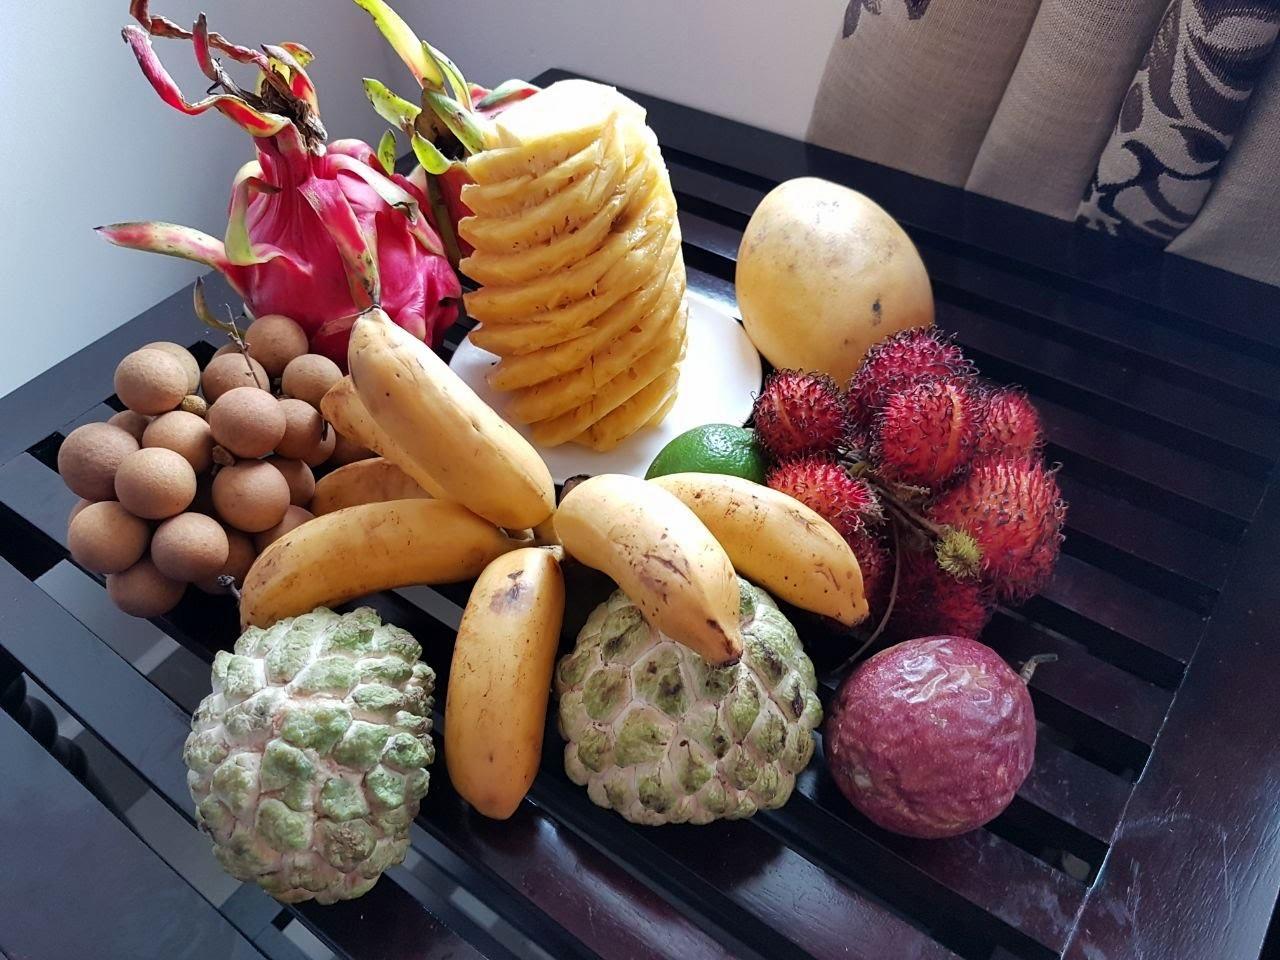 Это неполная фруктовая корзинка, но очень крутая! Все это стоит максимум 10 долларов, заменяет парочку обедов на двоих